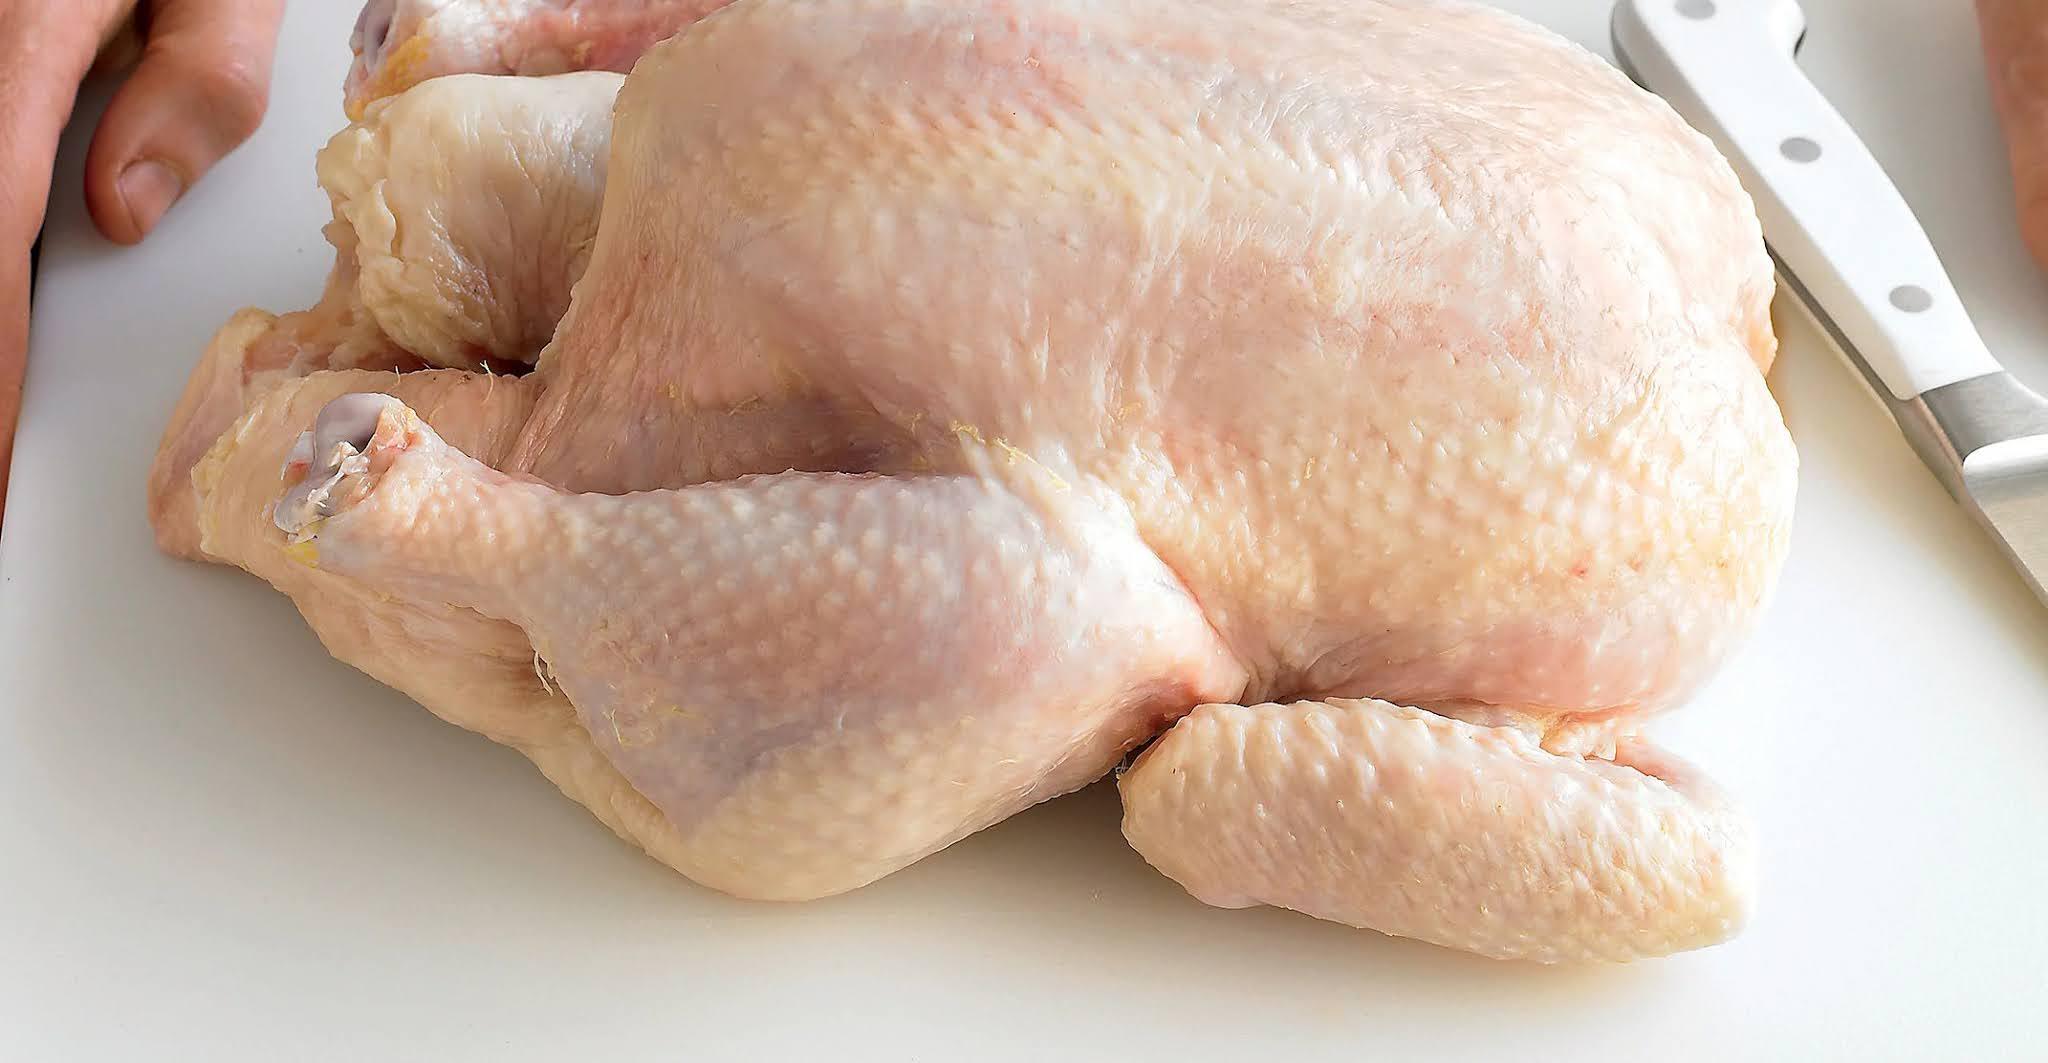 افضل طرق تنظيف الدجاج